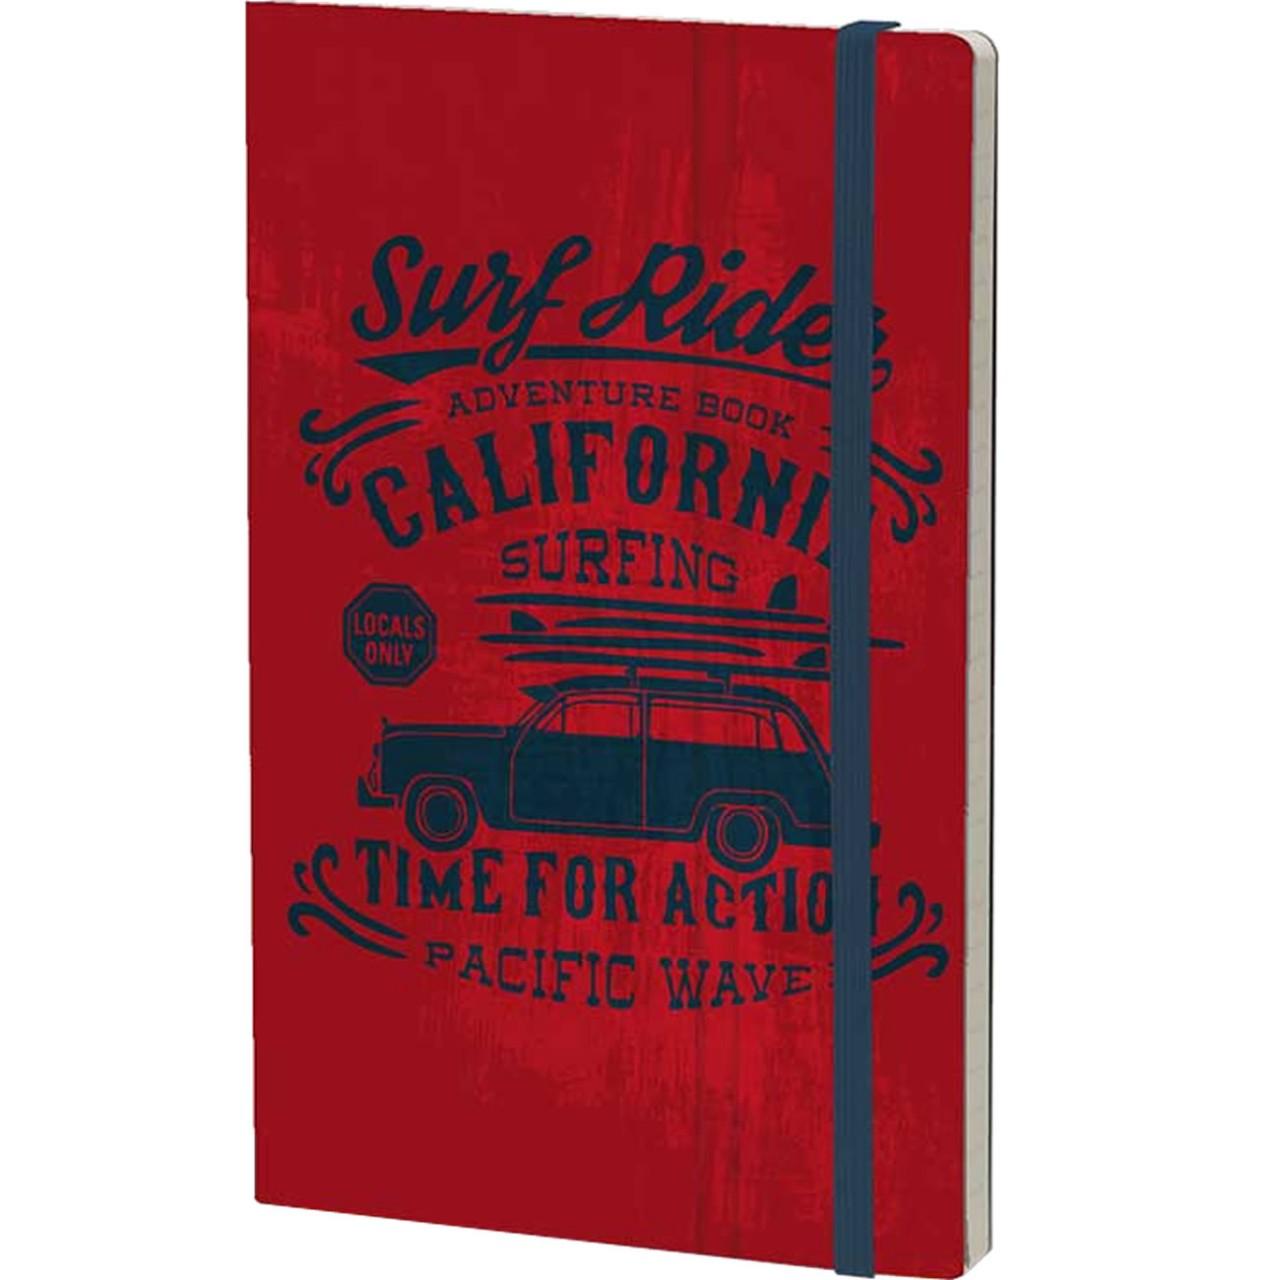 Stifflexible Notizbuch VINTAGE SURFING (Adventure) 13 x 21 cm 192 S., RED